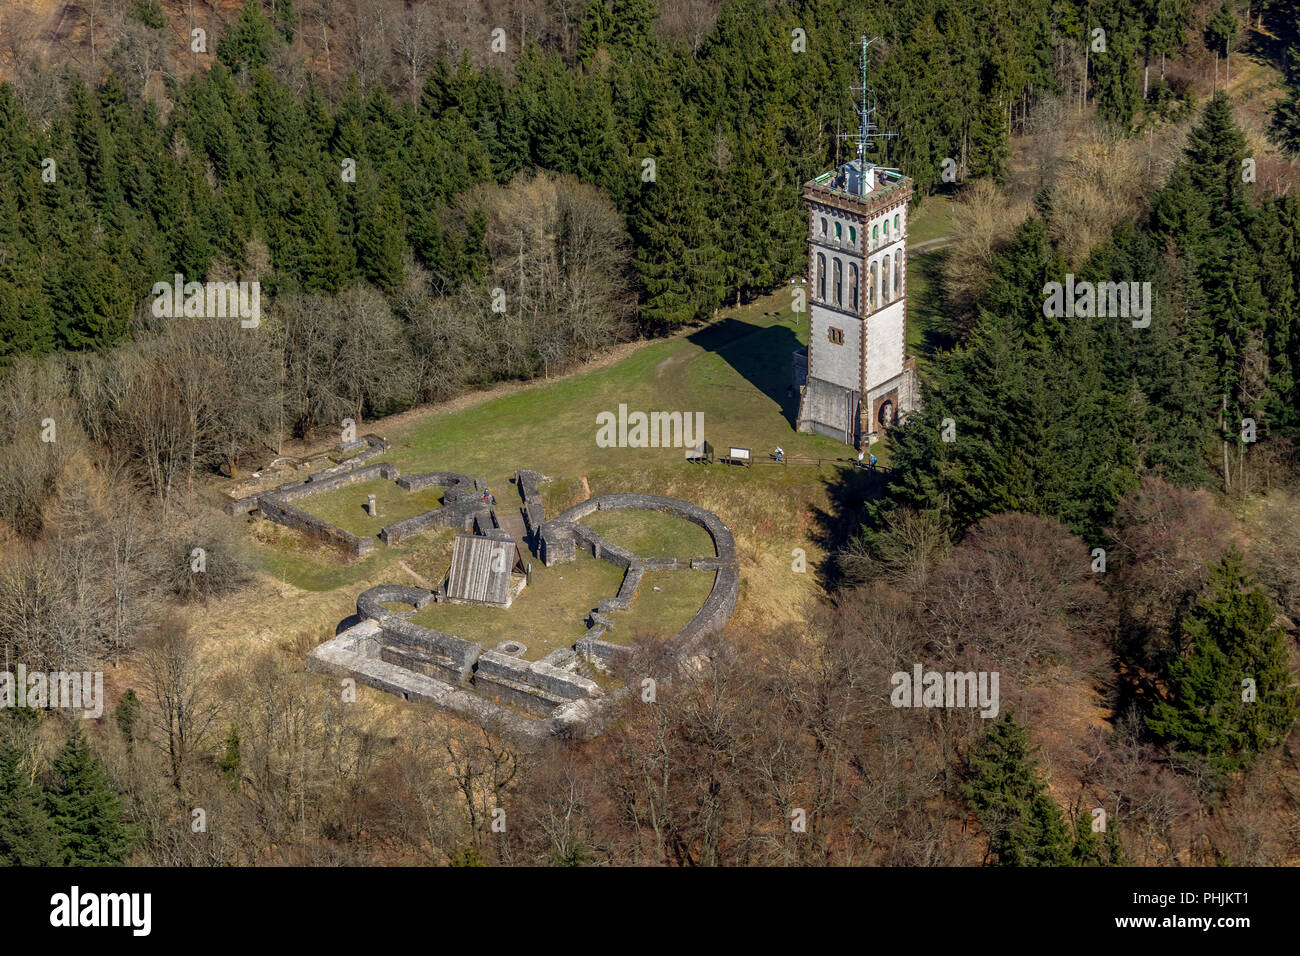 , Goldhausen, Burg Eisenberg ist die Ruine einer Höhenburg bei Goldhausen in Korbach,Georg-Viktor-Turm auf dem Eisenberg, Kreisstadt Korbach, Landkrei - Stock Image